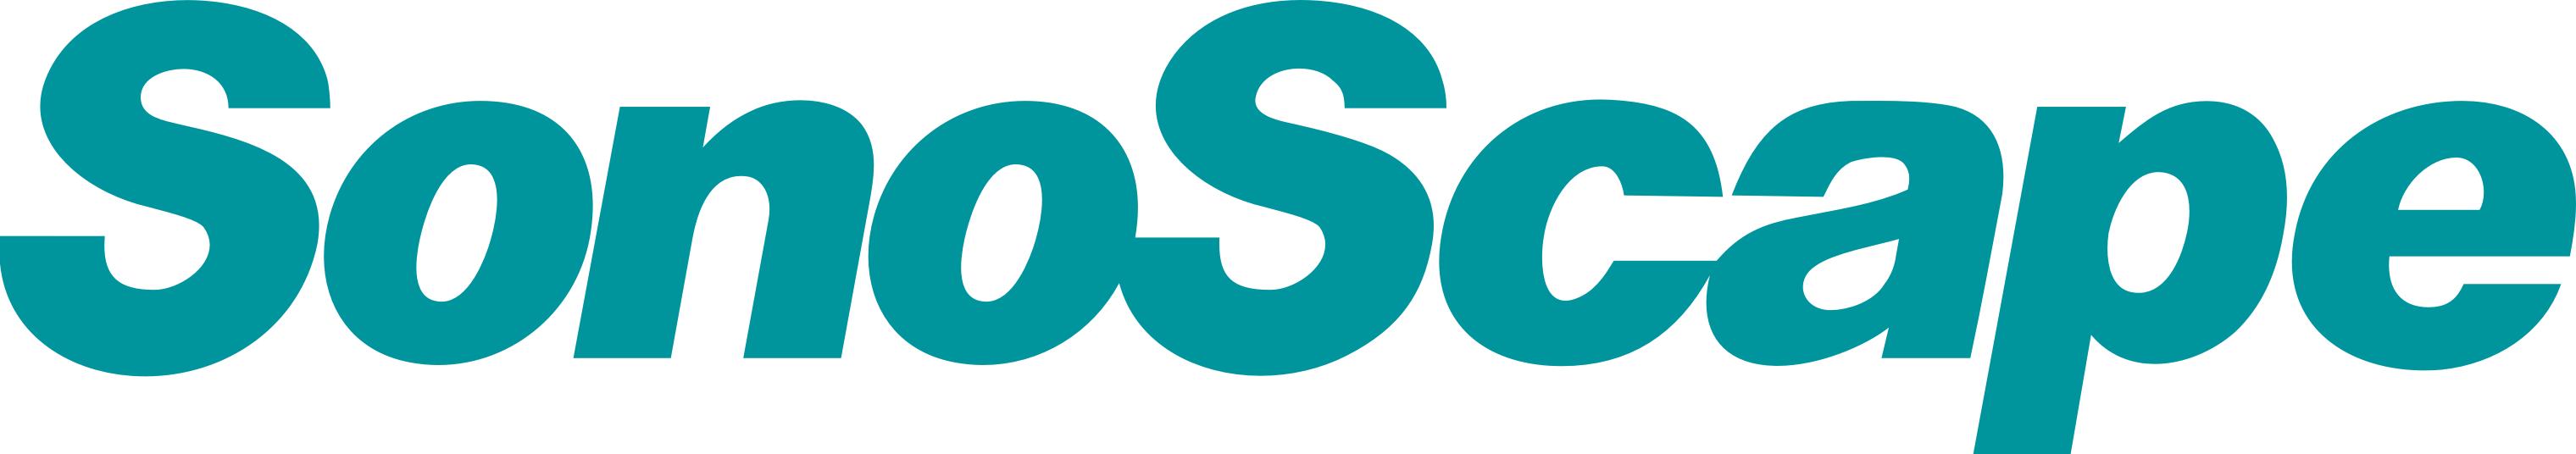 Sonoscape Australia - Ultrasound systems